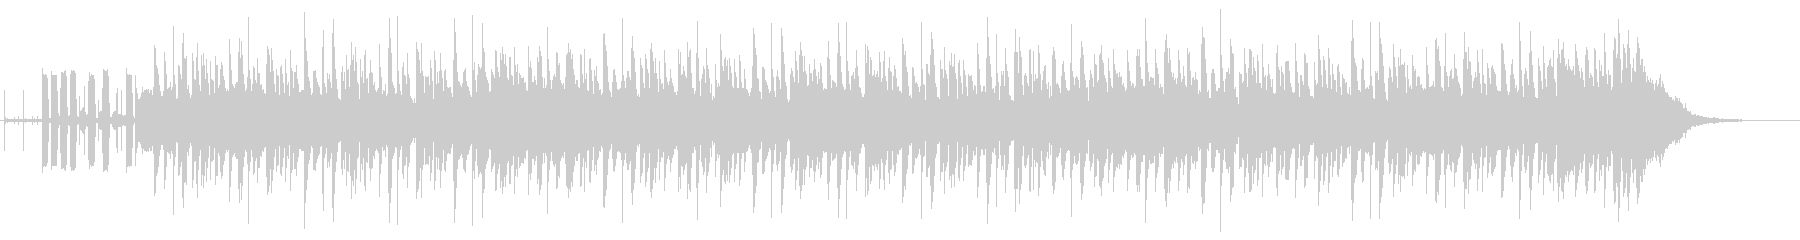 スタイリッシュなテンポ速めの曲ですの未再生の波形